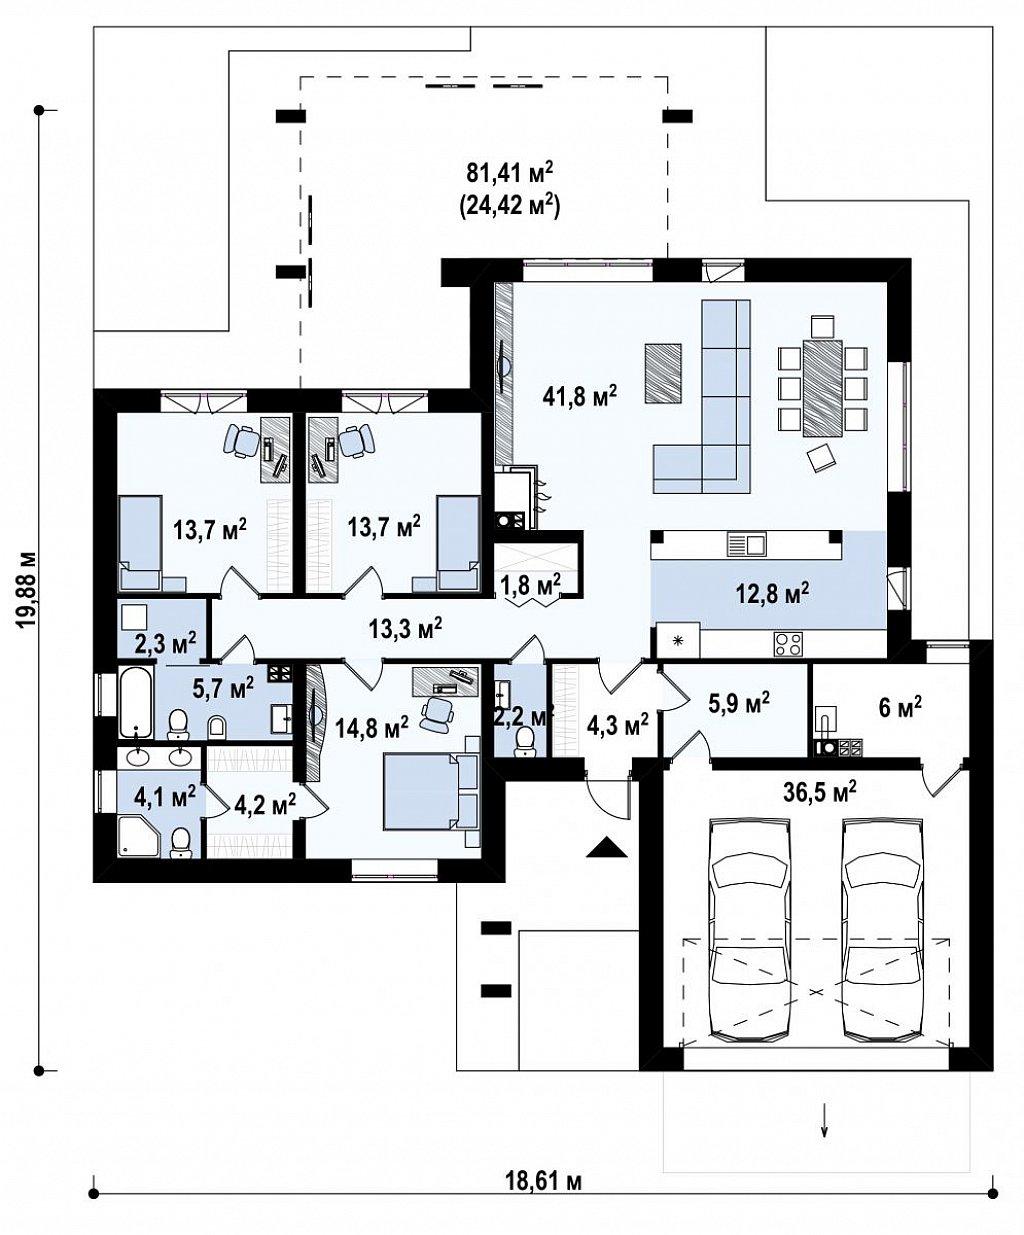 Одноэтажный дом с плоской кровлей, тремя спальнями и гаражом на две машины план помещений 1